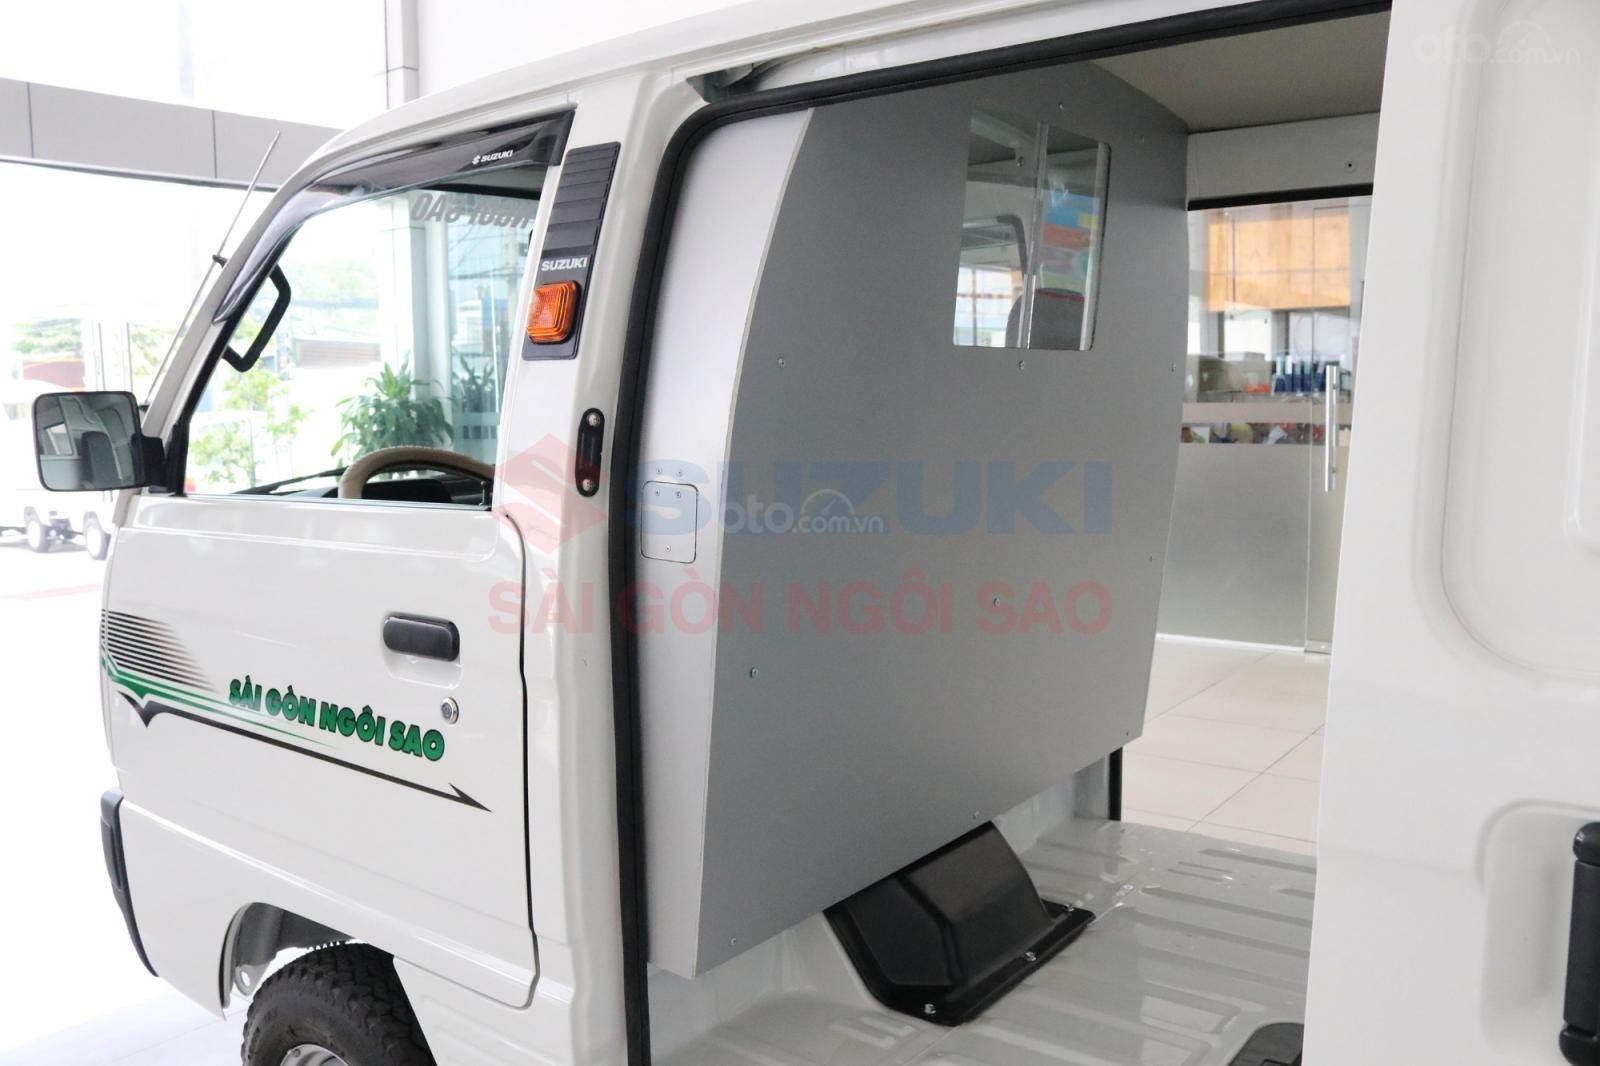 Cần bán xe Suzuki Blind Van sản xuất năm 2020 lưu thông giờ cao điểm. Khuyến mãi lớn 10Tr tiền mặt (9)